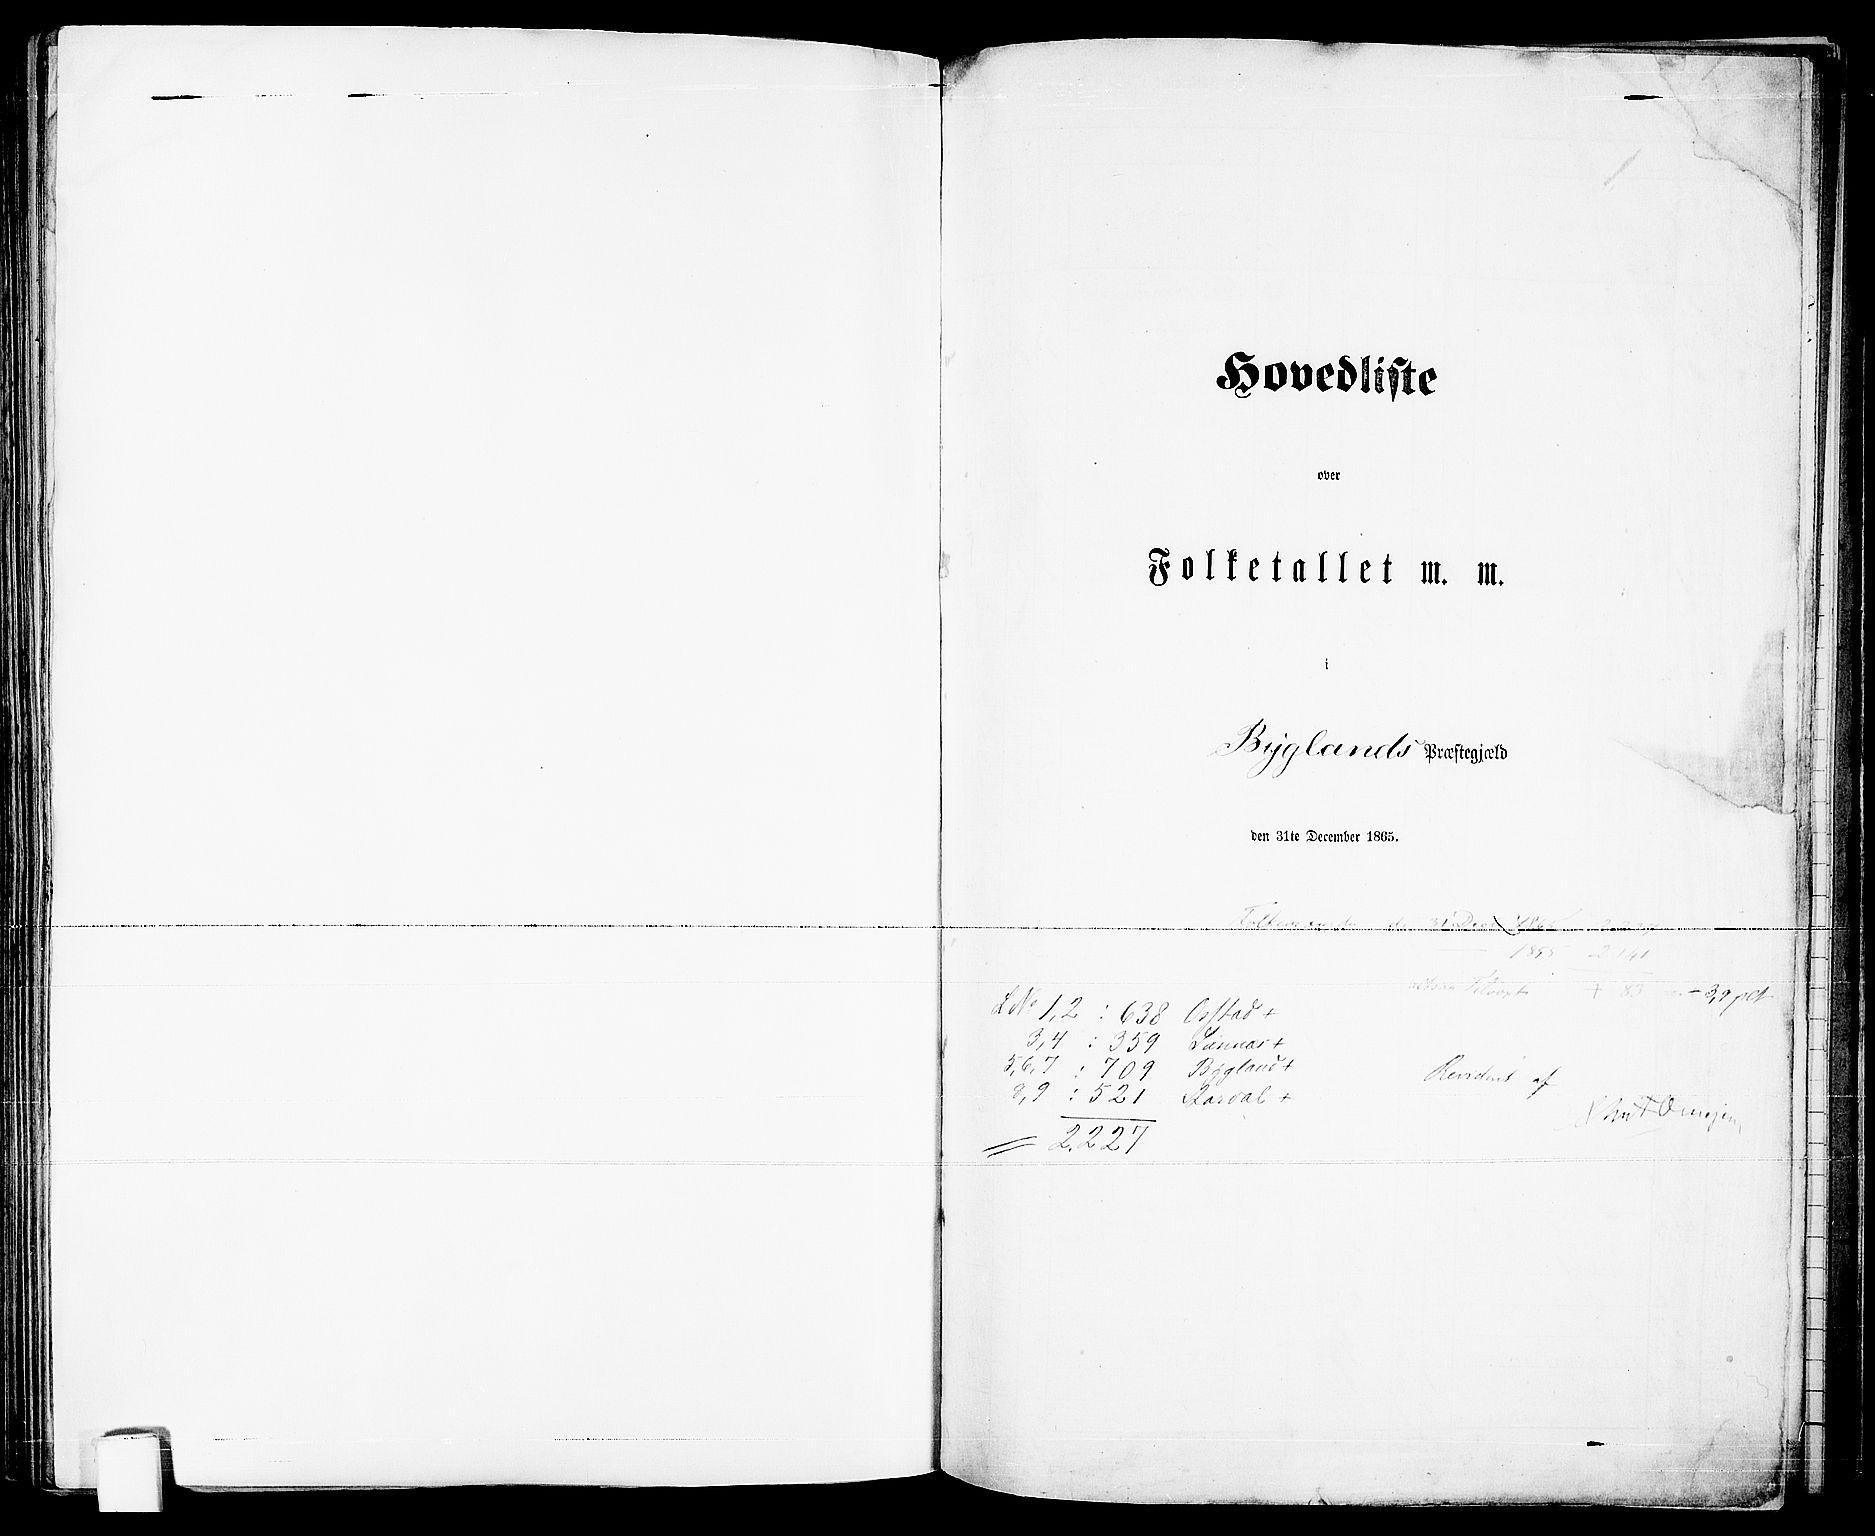 RA, Folketelling 1865 for 0938P Bygland prestegjeld, 1865, s. 1